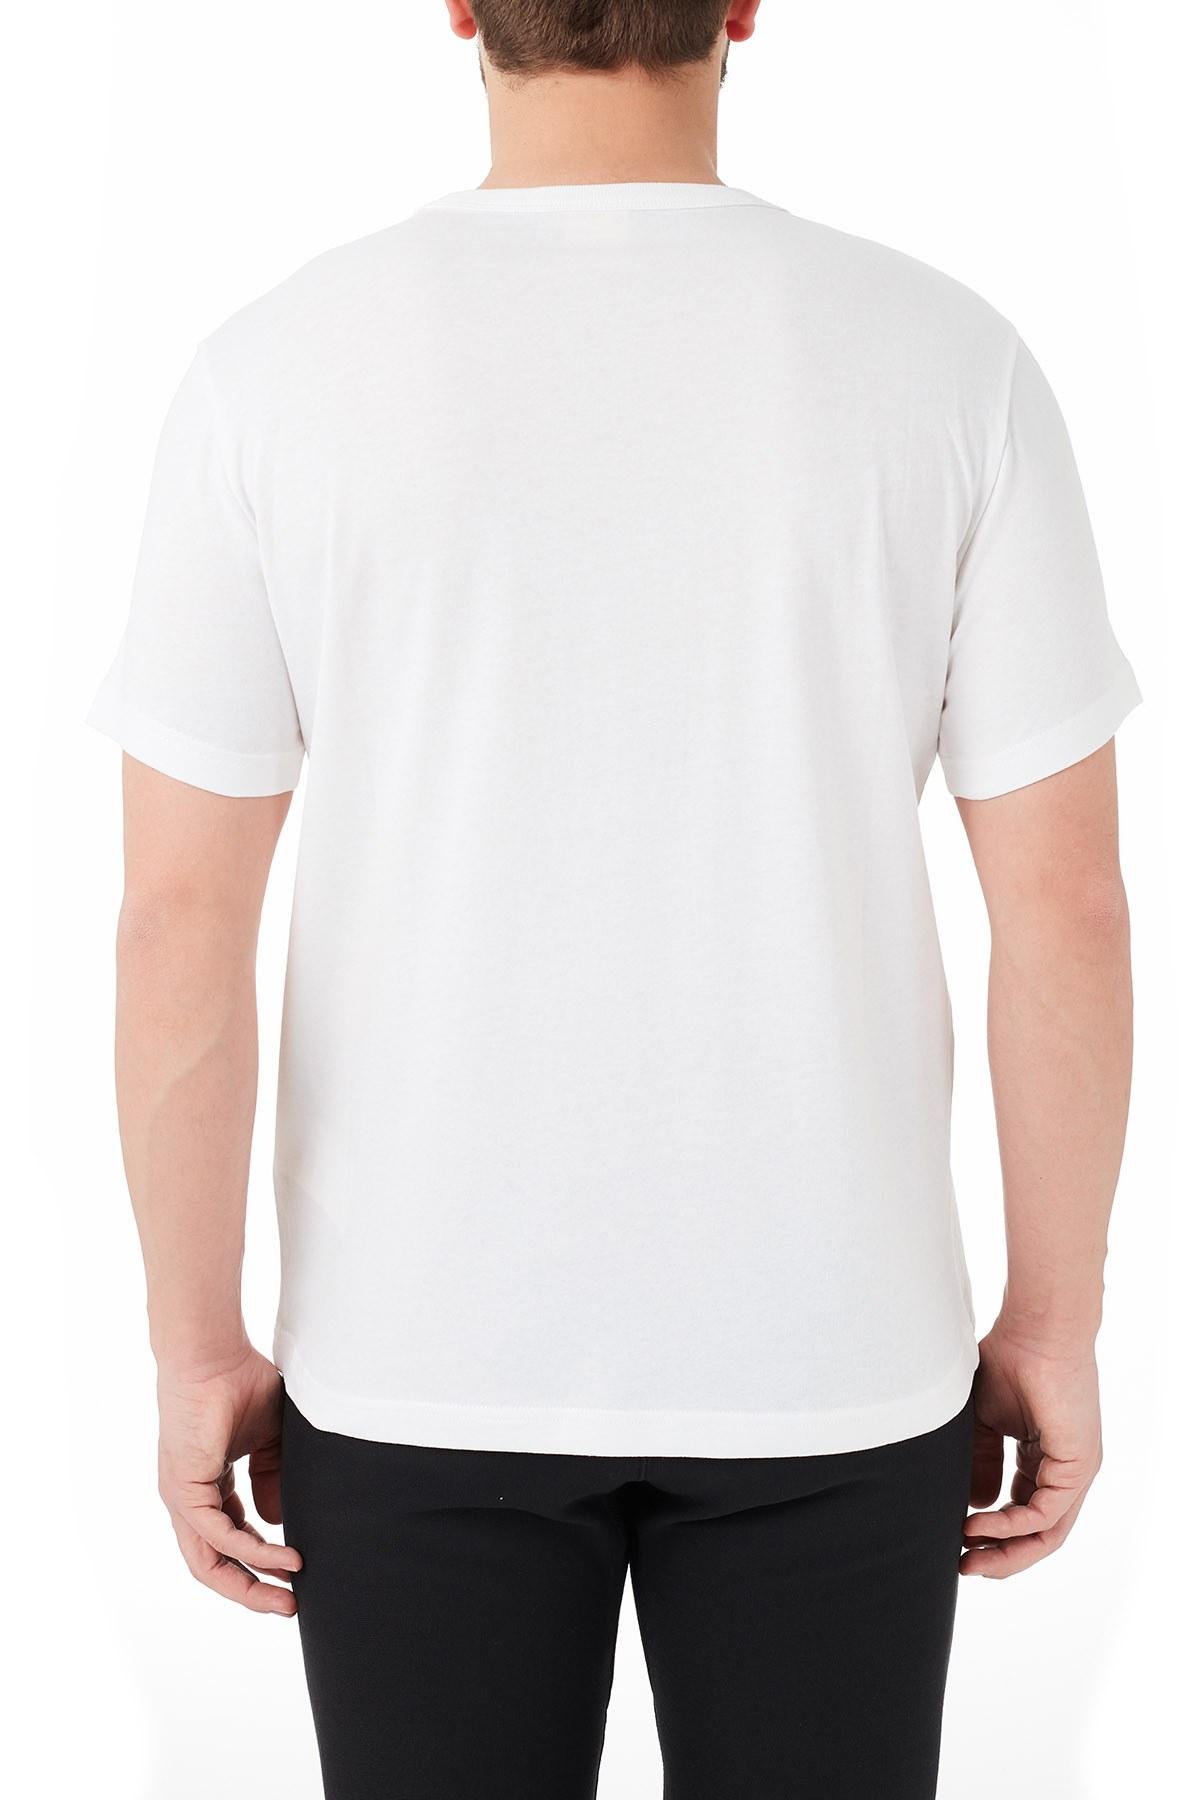 Champion Regular Fit Bisiklet Yaka % 100 Pamuk Erkek T Shirt 214674 WHT WW01 BEYAZ